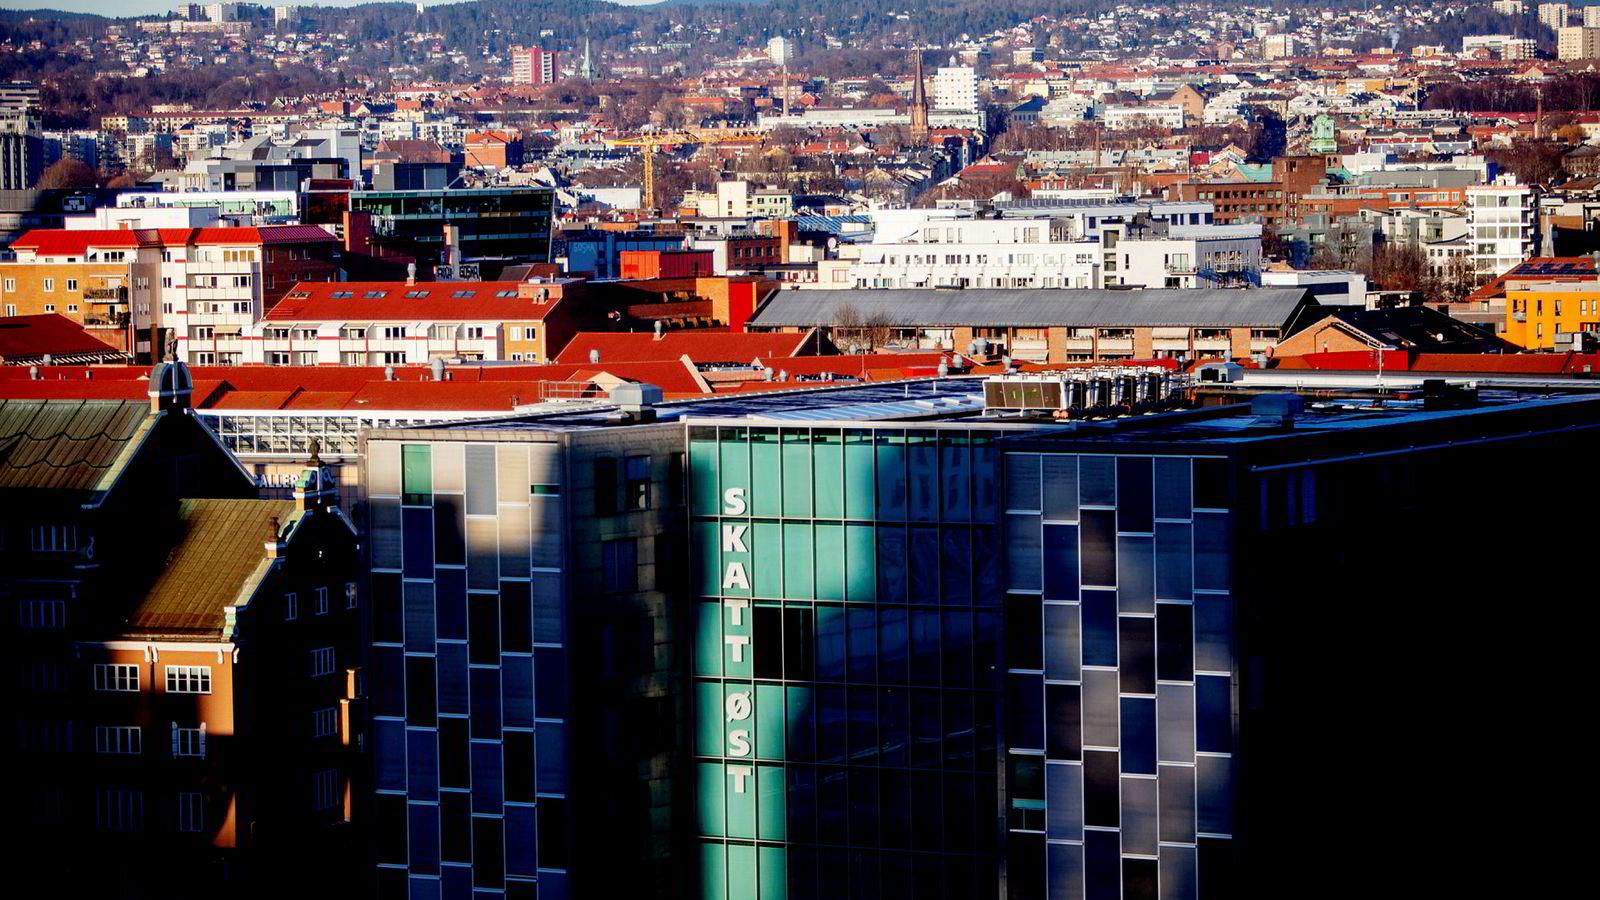 Ingen vet hvor mange det dreier seg om, men bare i London finnes et ikke ubetydelig antall norske formuesskatteflyktninger, skriver innleggsforfatteren.